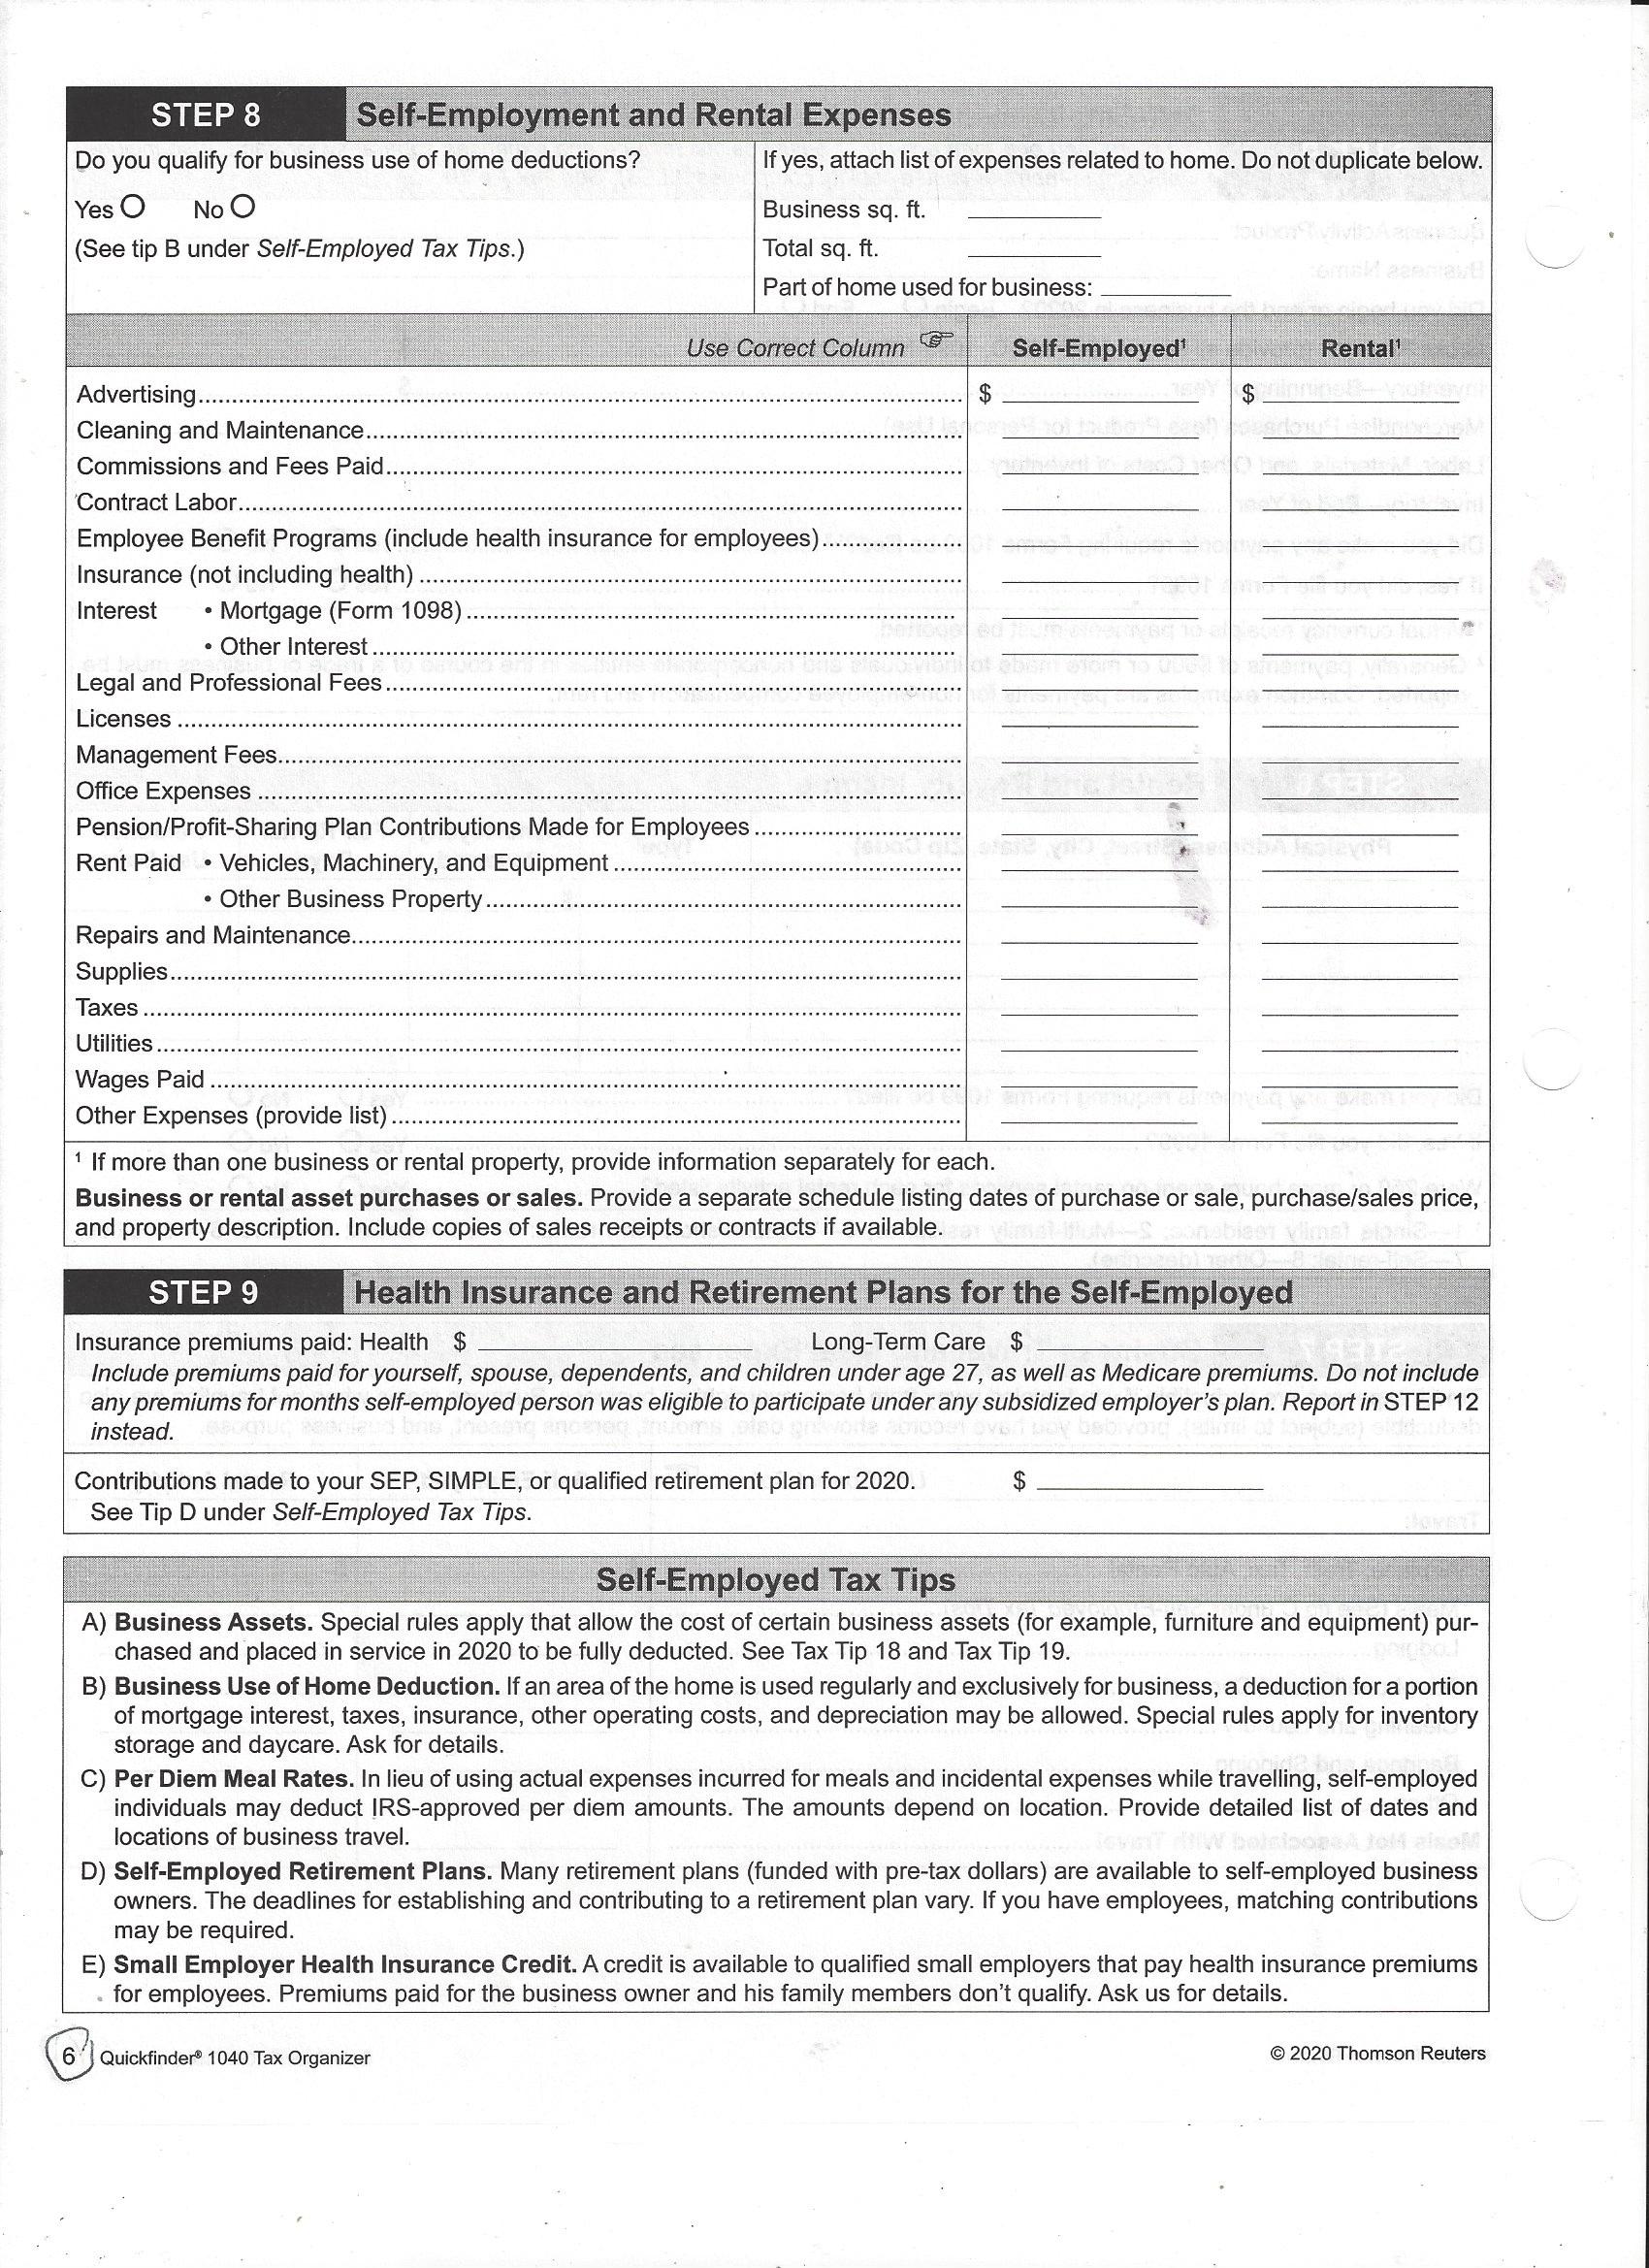 2020_Quickfinder_OrganizerAndDeductions_Page_6